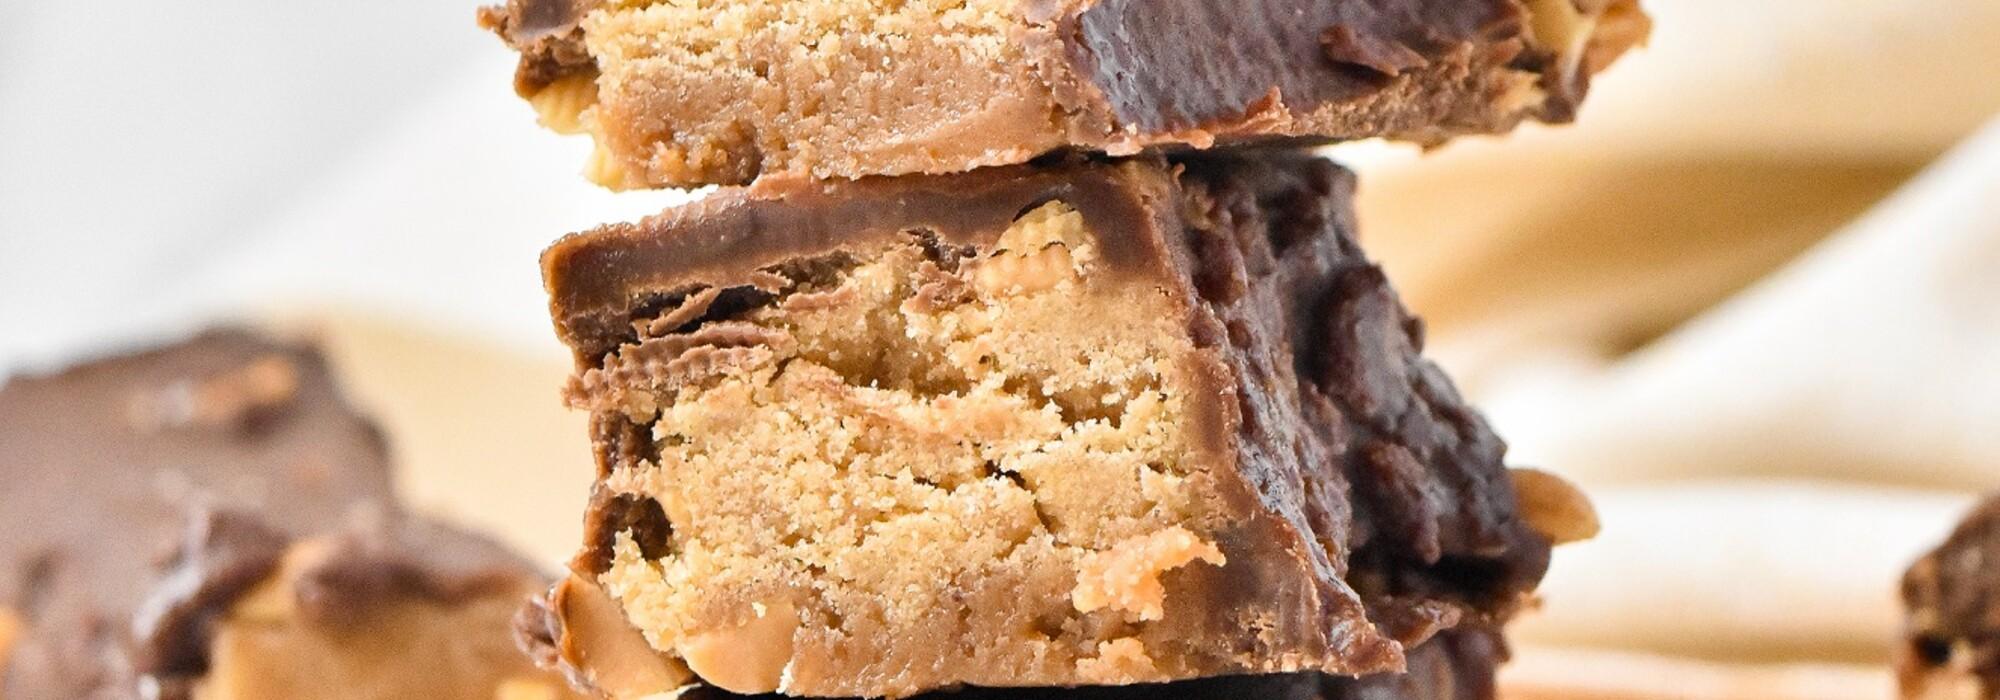 Koolhydraatarme en suikervrije snickers